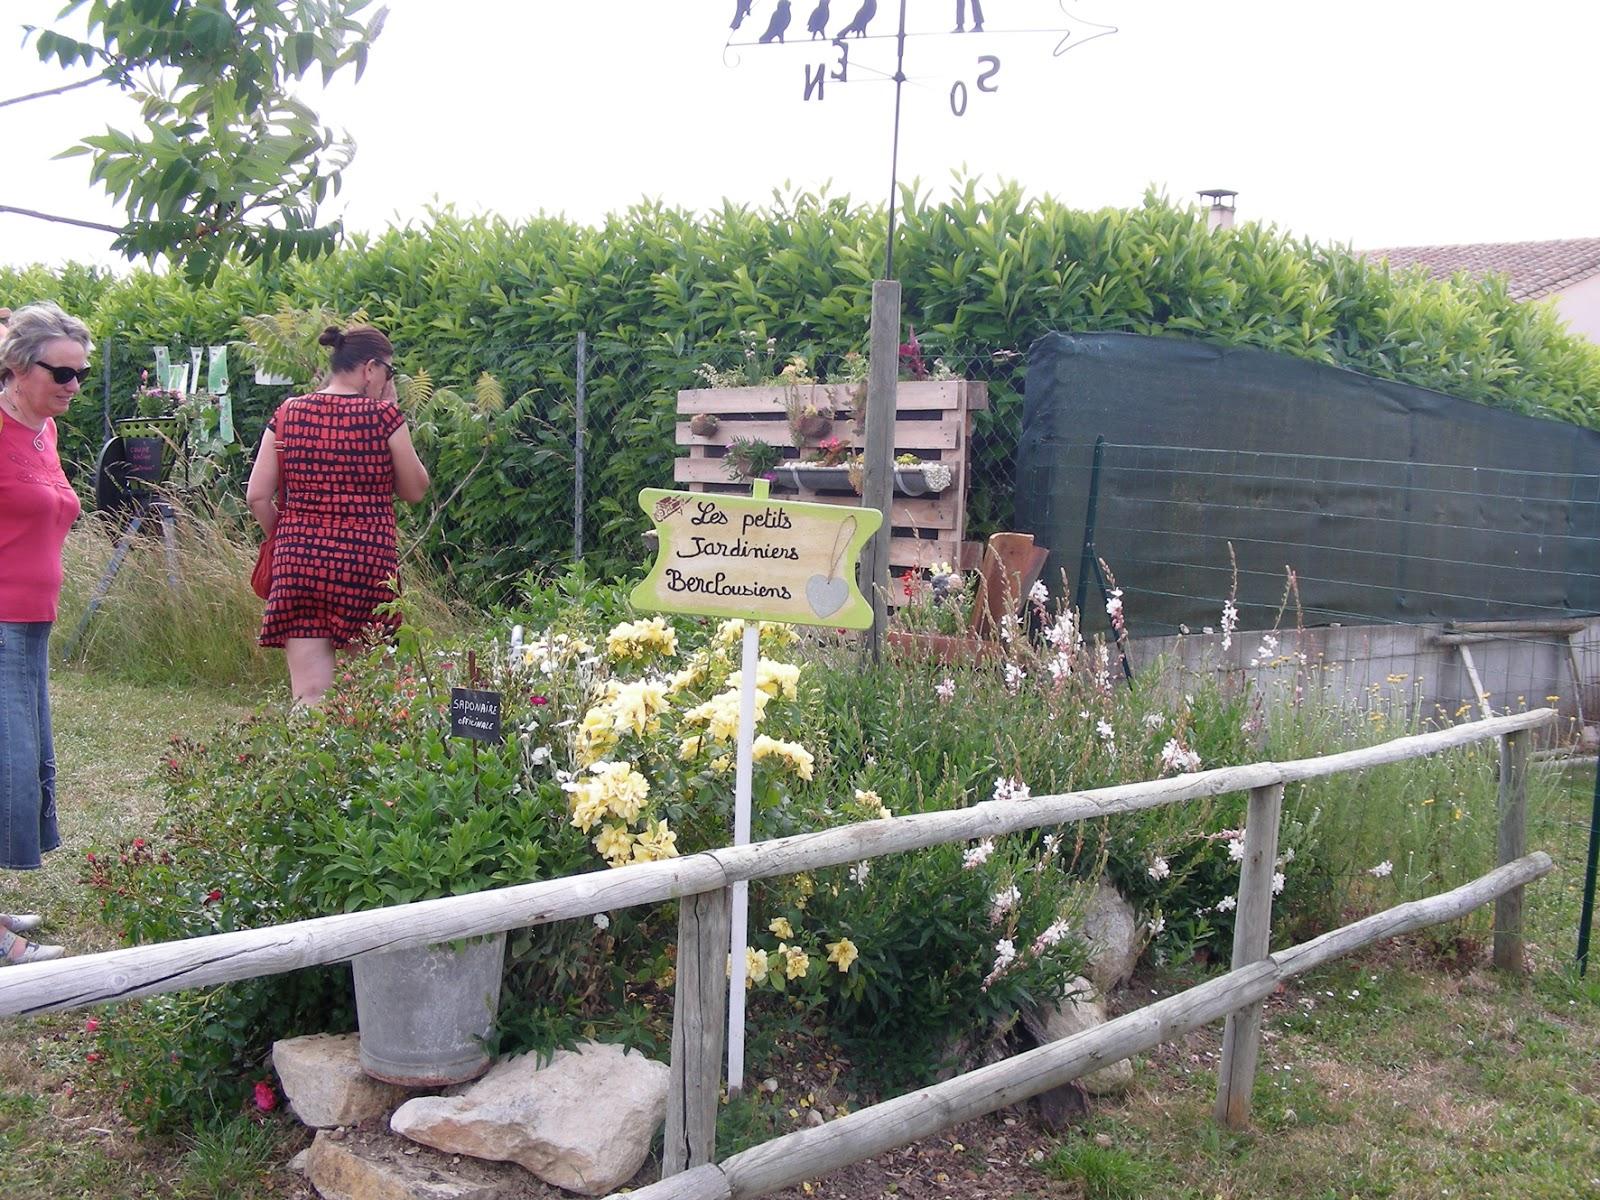 Commune de bercloux rendez vous au jardin for Rendez vous au jardin 2015 yonne